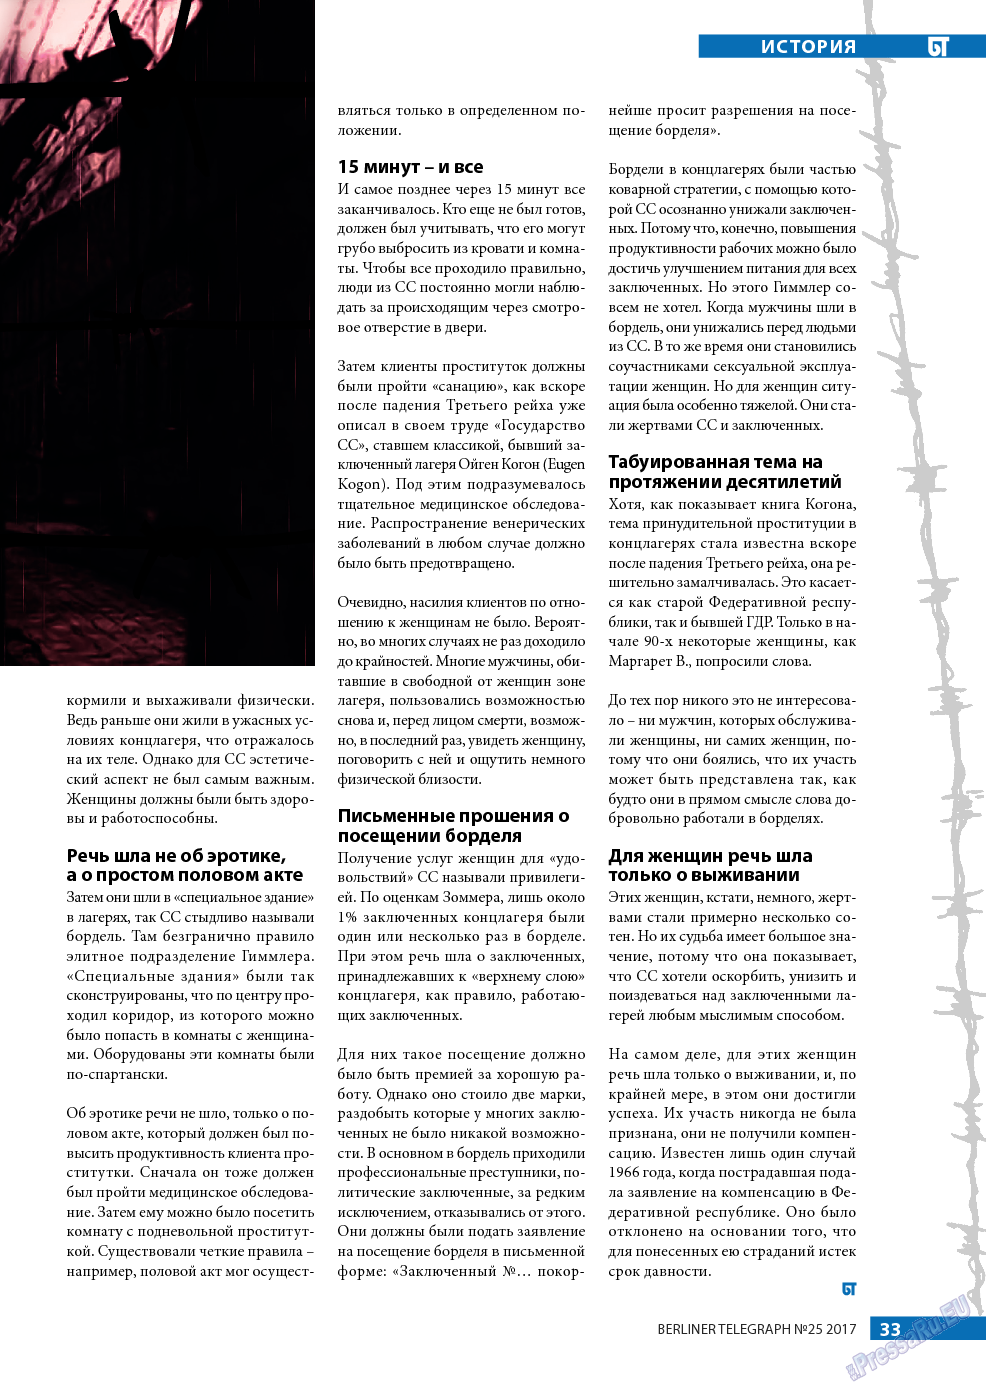 Берлинский телеграф (журнал). 2017 год, номер 25, стр. 33